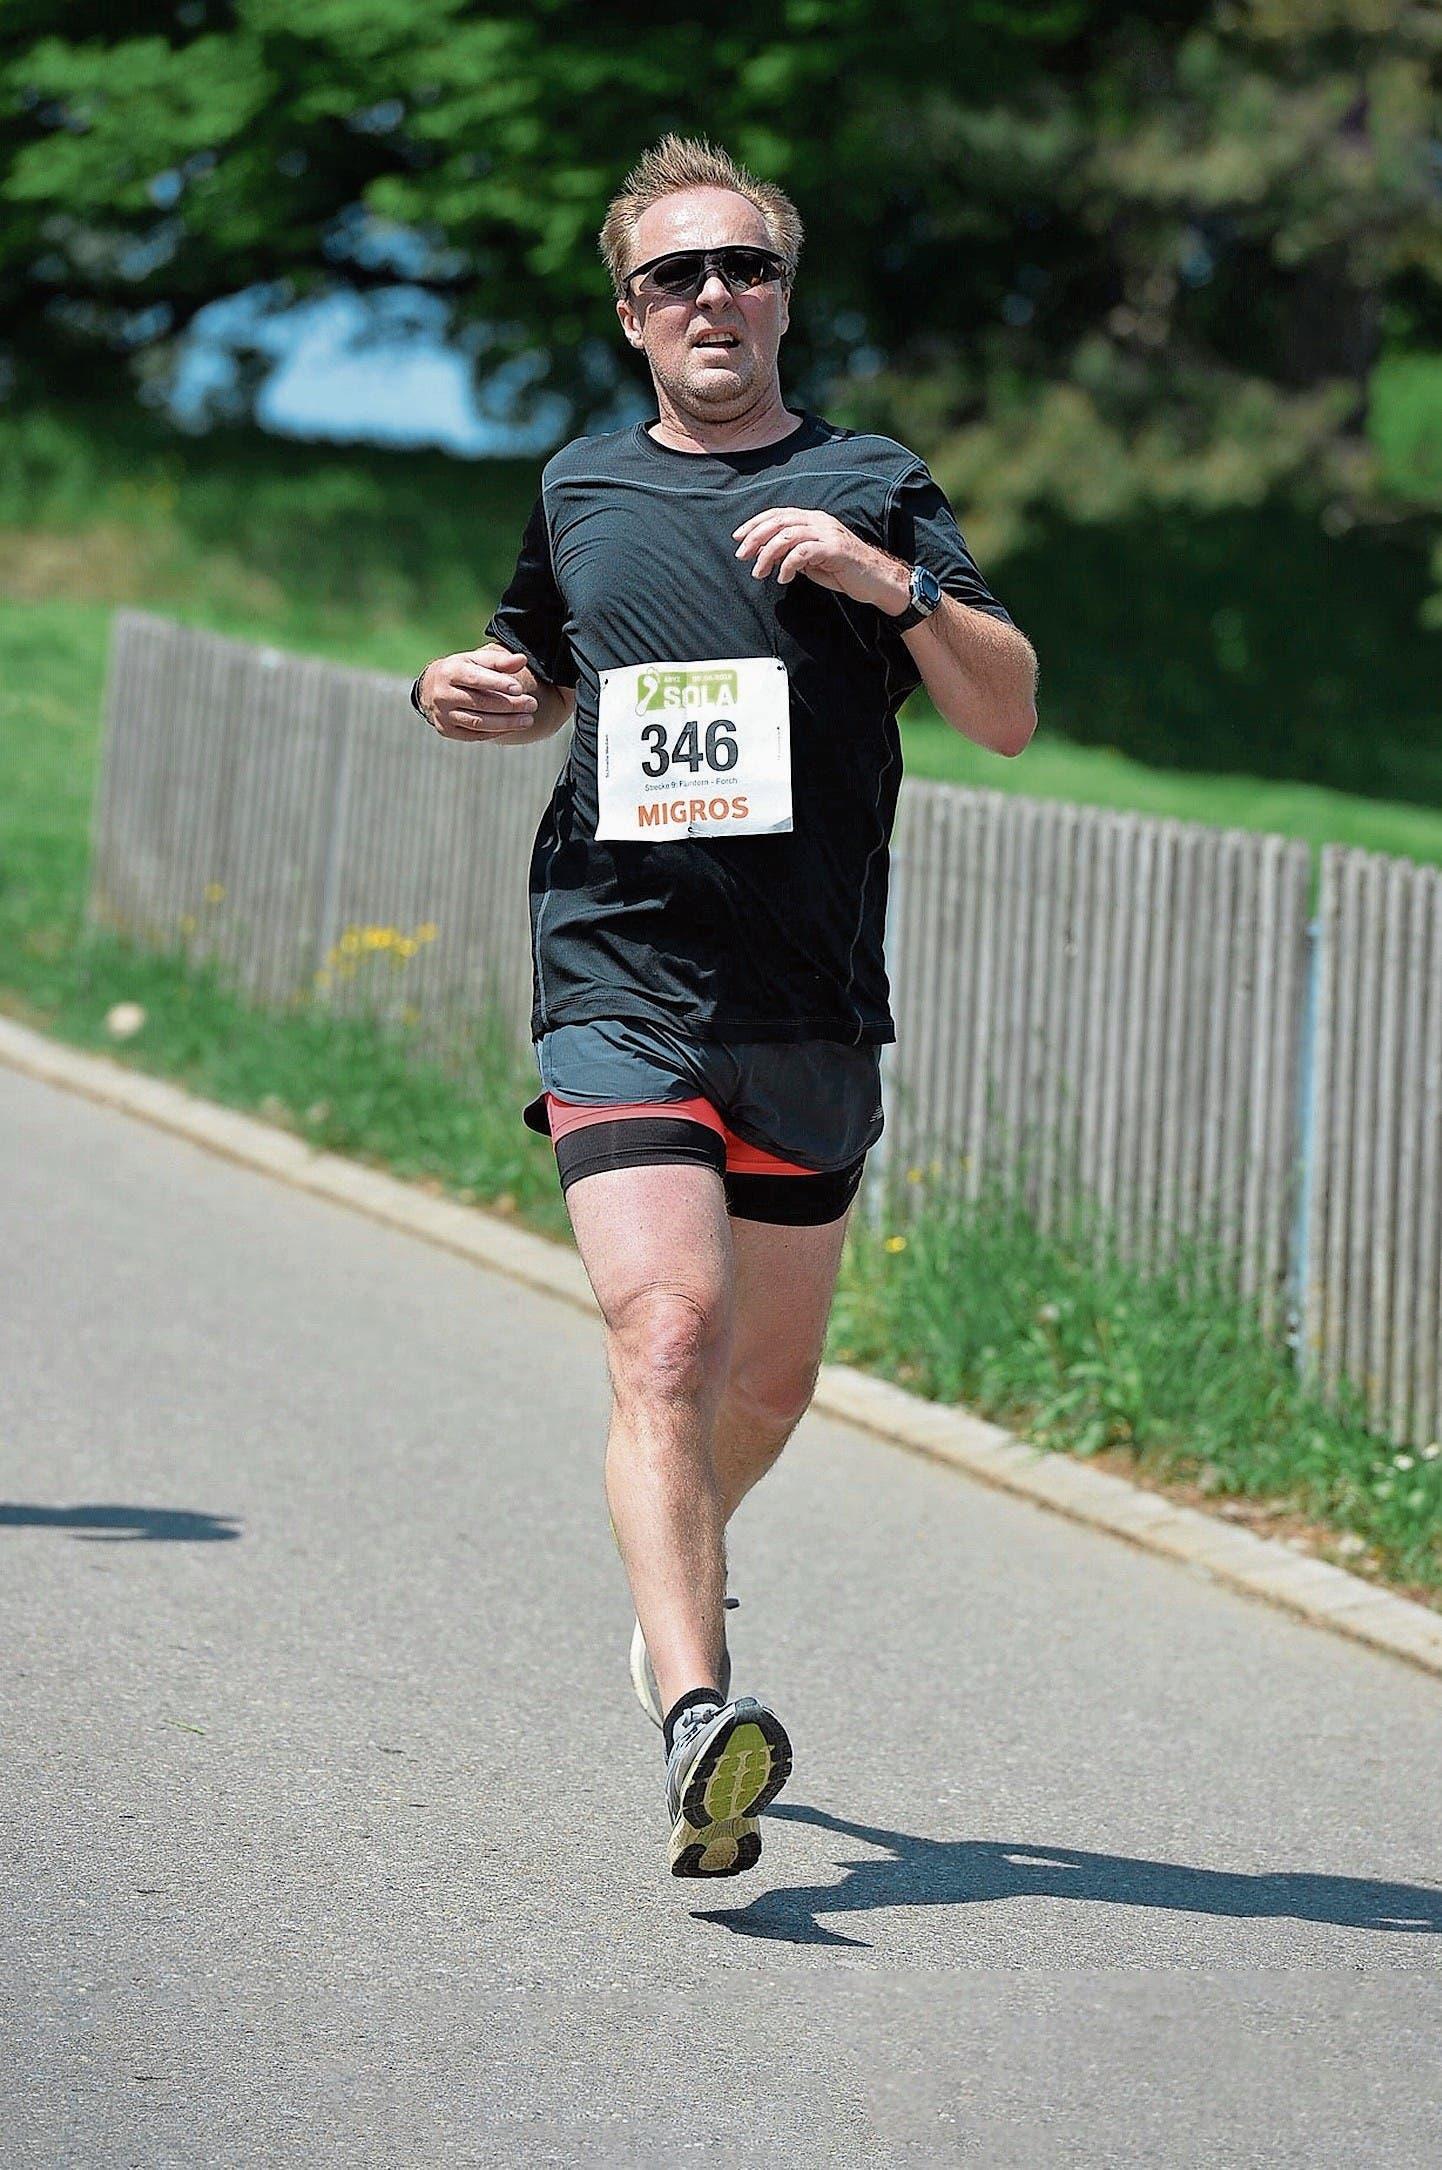 Laufsport bleibt für Sportredaktor Rainer Sommerhalder ein Hobby – nicht mehr auf Rekordkurs, dafür mit doppelt so viel Kinn. (Bild: privat)